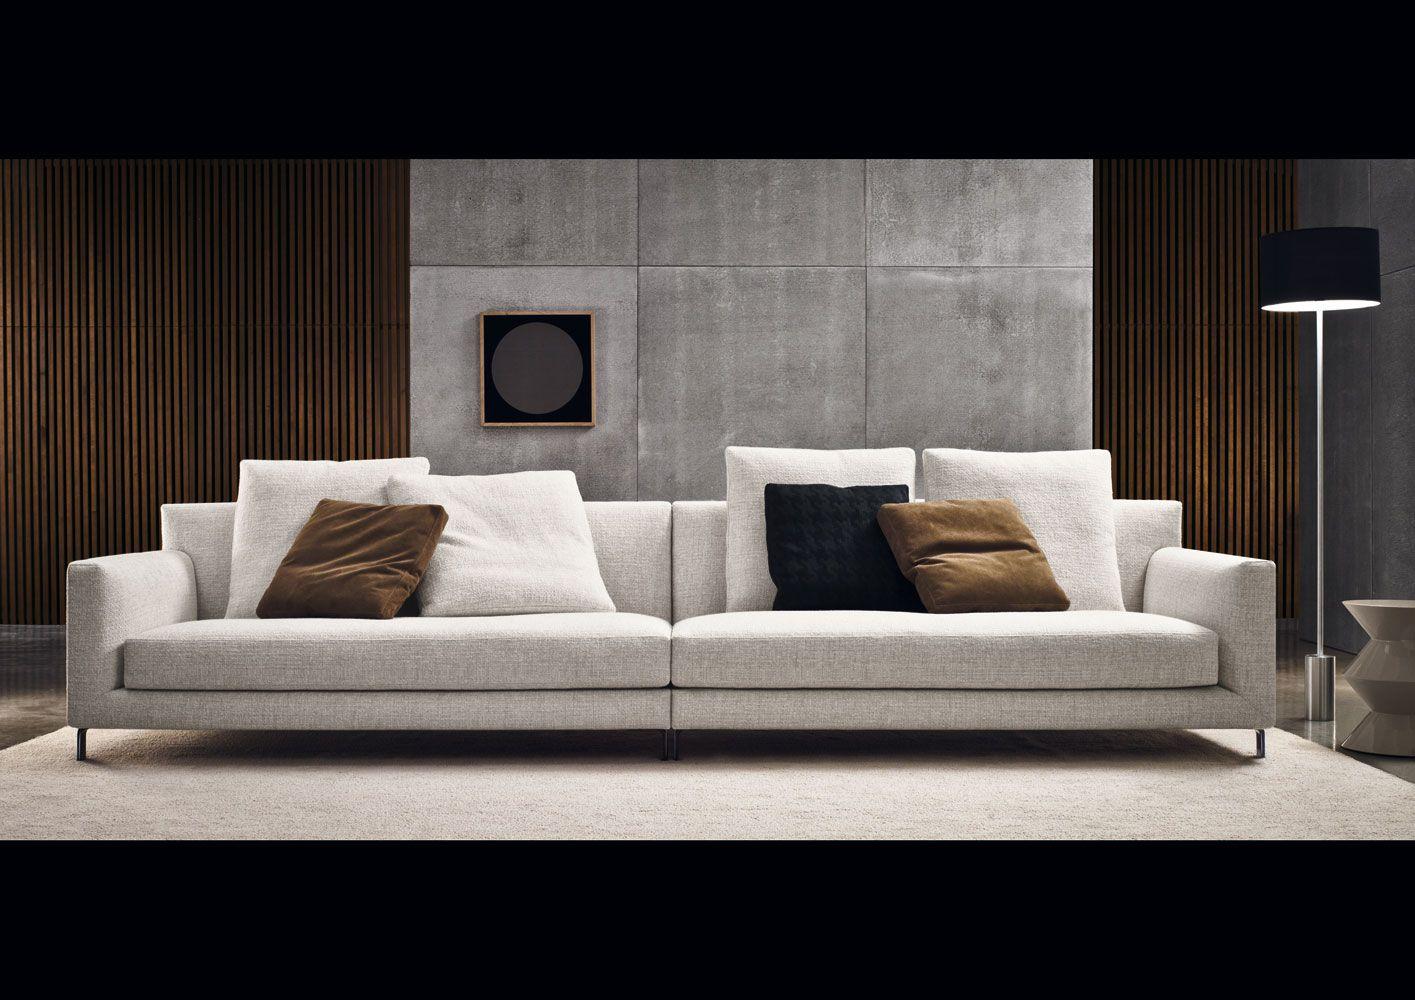 ALLEN SOFA Designed by Rodolfo Dordoni Manufactured by Minotti ...